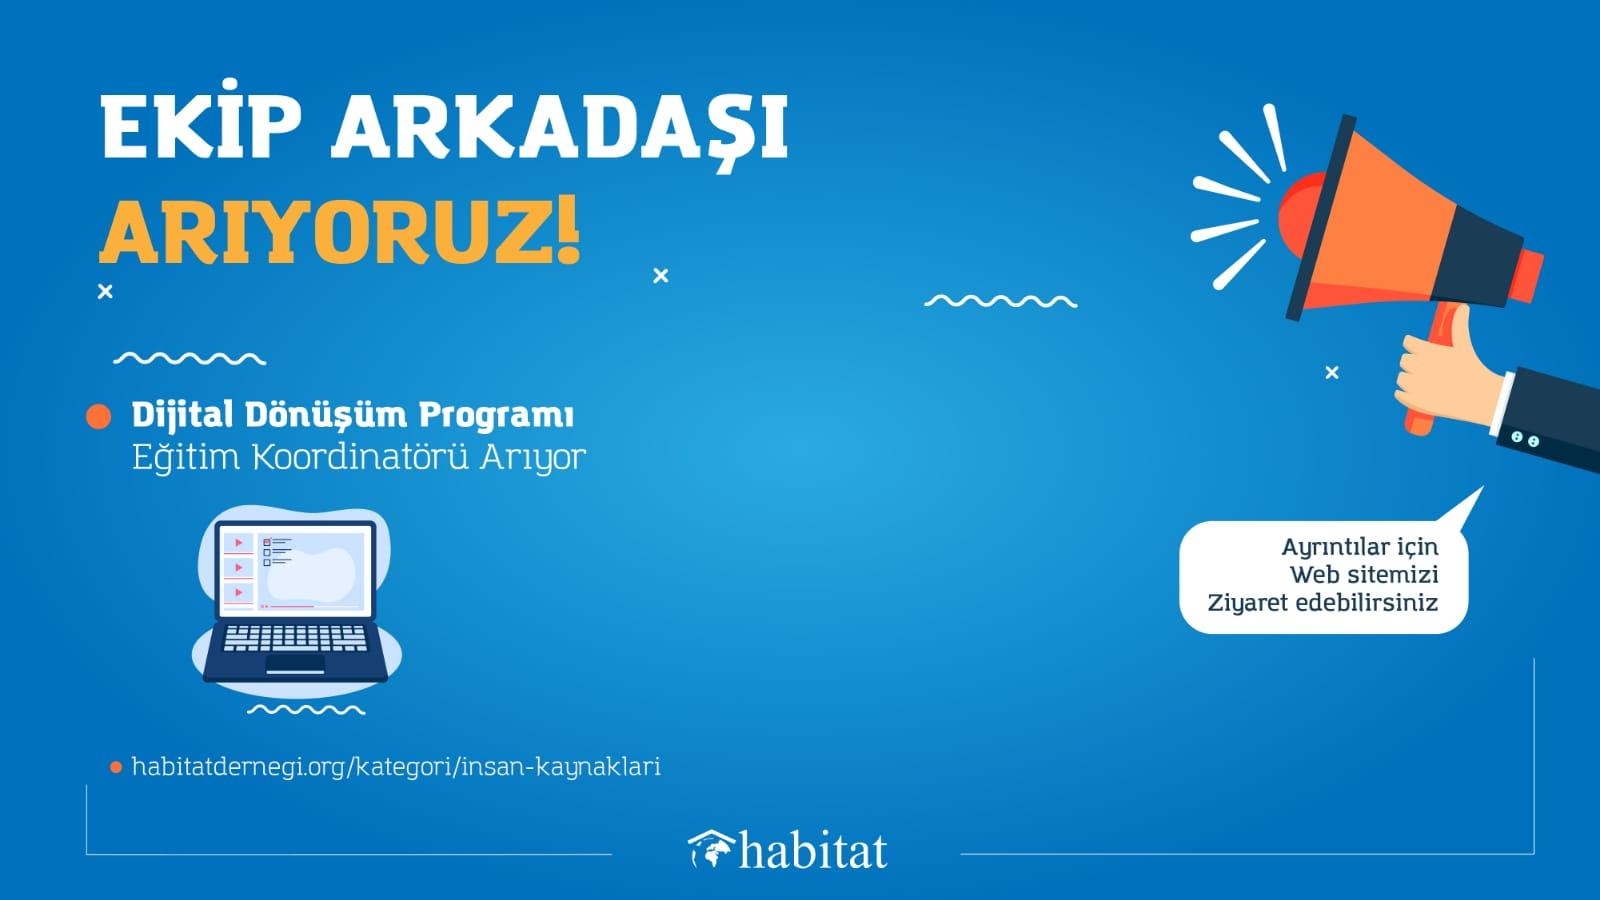 Habitet Derneği Dijital Dönüşüm Programı Eğitim Koordinatörü Arıyor !